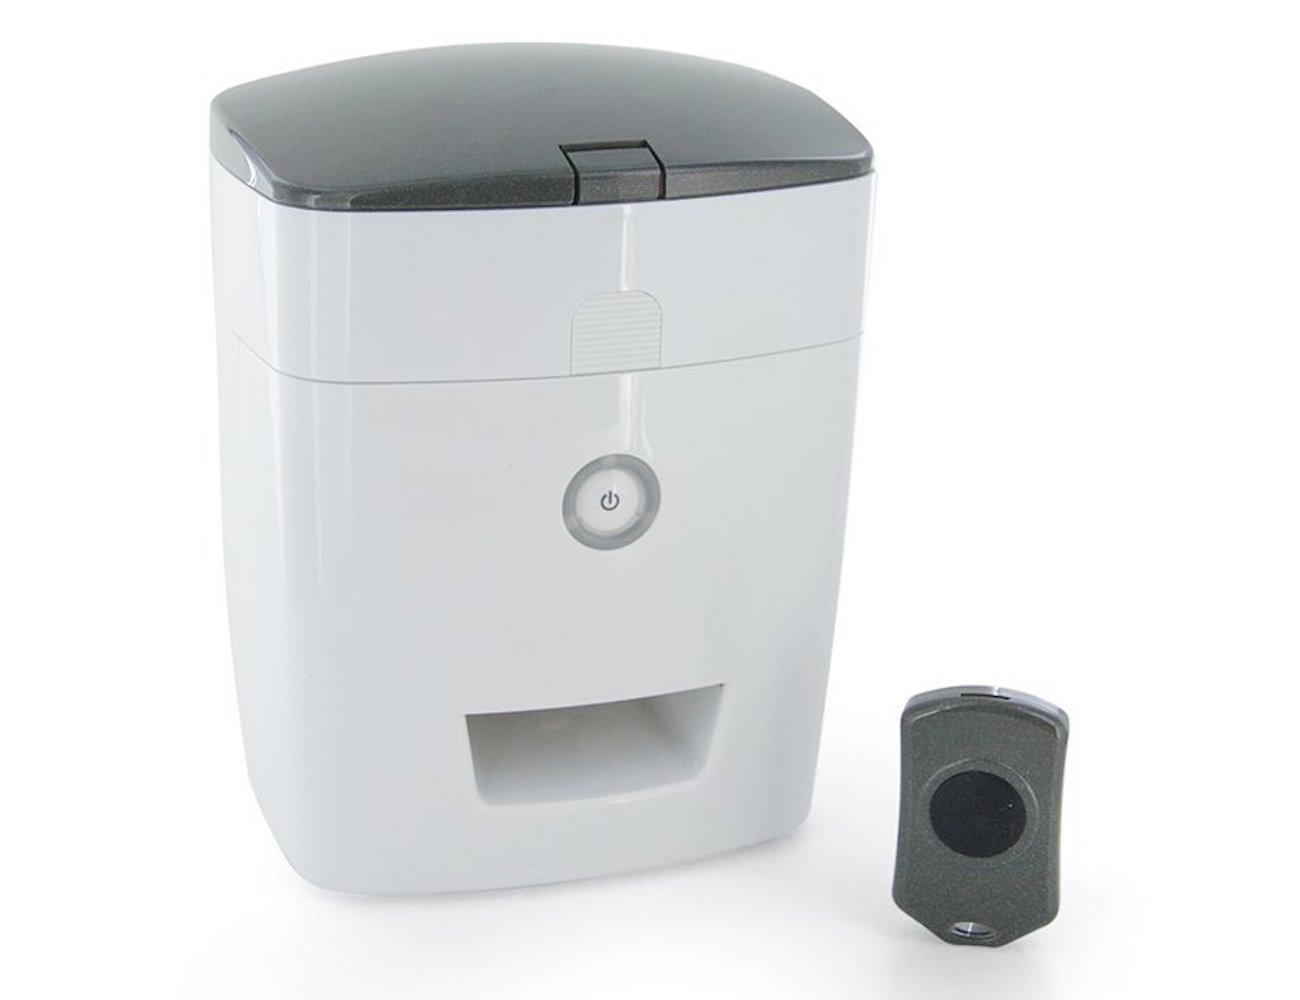 Remote Dog Treat Dispenser by PetSafe